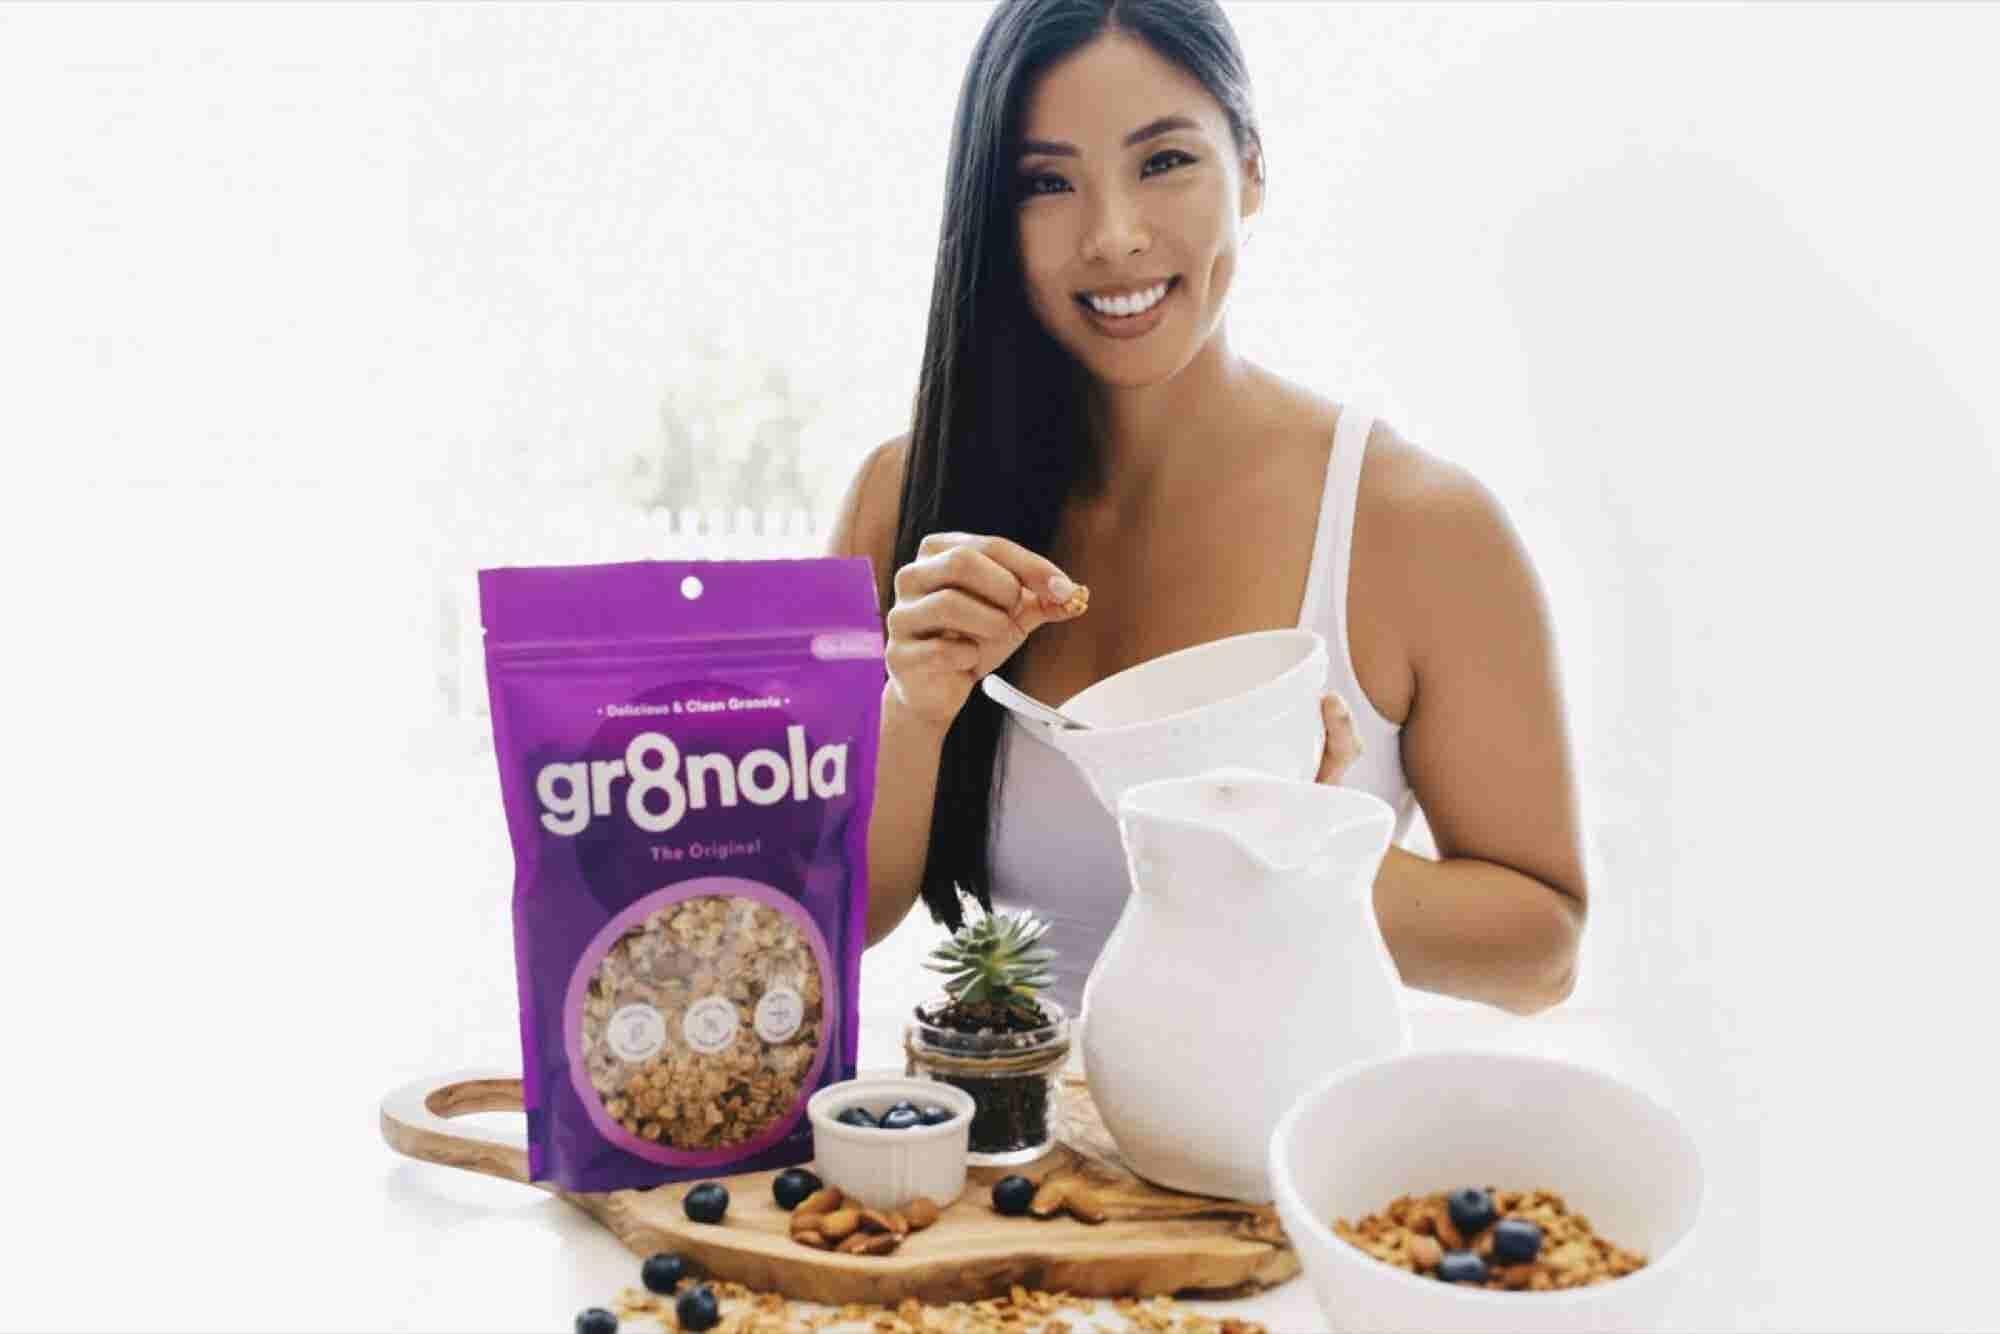 Meet the Entrepreneur Behind the Healthy, Clean Snack Loved by Googlers